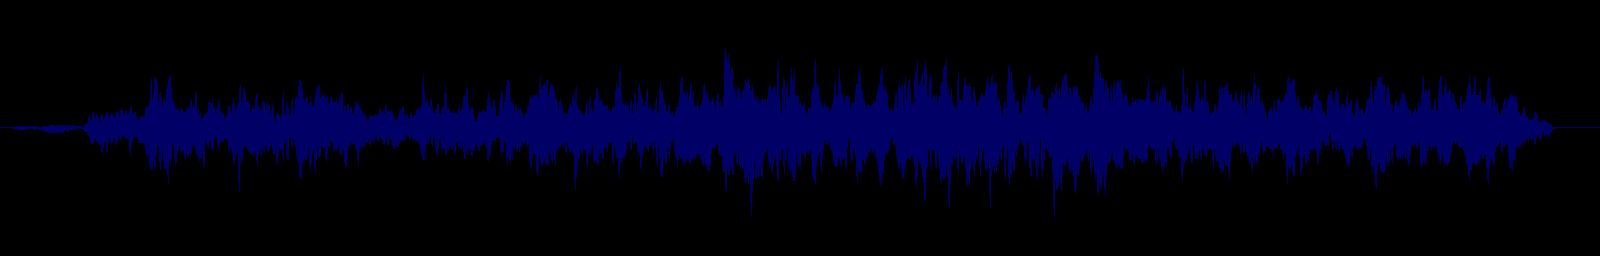 waveform of track #141892